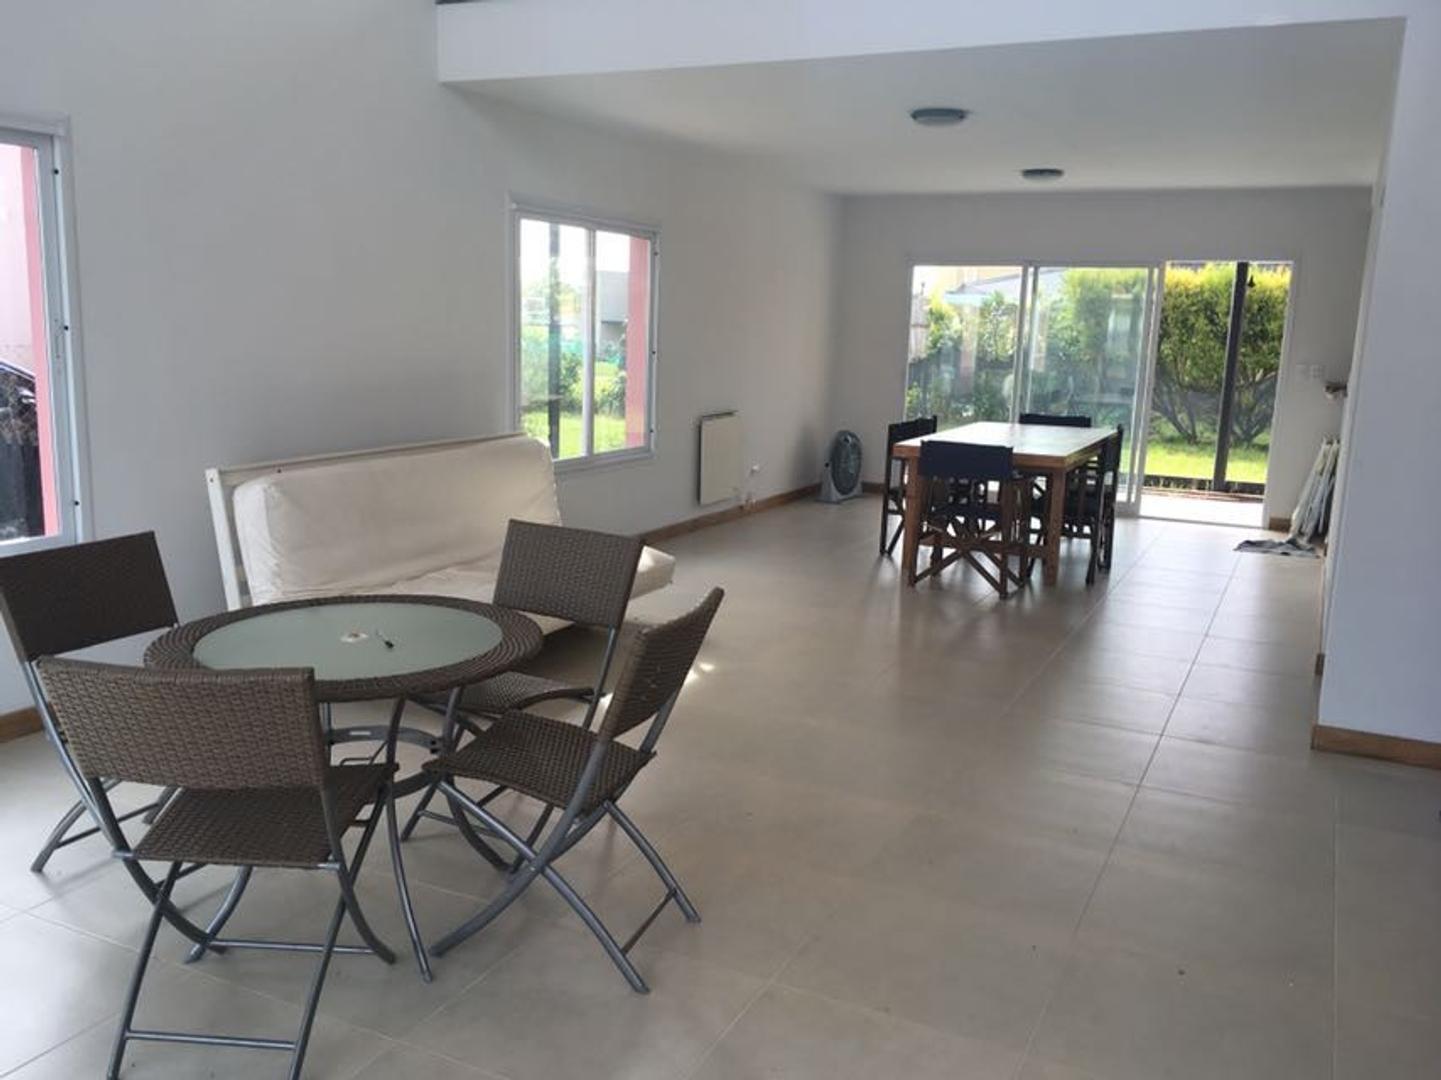 Venta casa en dos planta en Los Olivares, Malvinas Argentinas, Ruta 8 Pilar